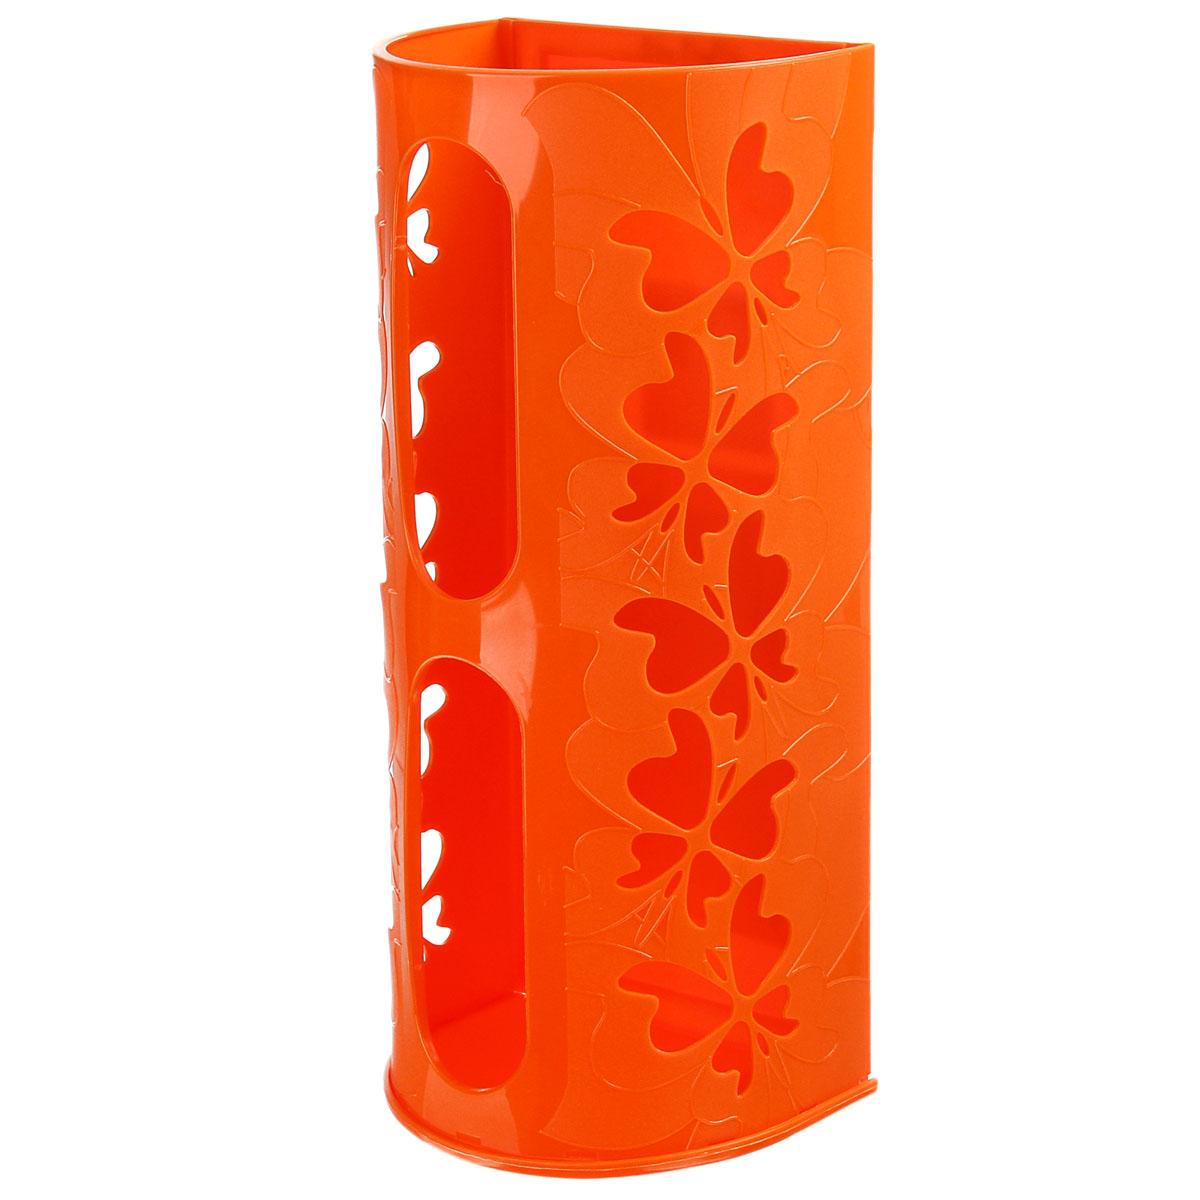 Корзина для пакетов Berossi Fly, цвет: оранжевый868660Корзина для пакетов Berossi Fly, изготовлена из высококачественного пластика. Эта практичная корзина наведет порядок в кладовке или кухонном шкафу ипозволит хранить пластиковые пакеты или хозяйственные сумочки во всегдадоступном месте! Изделие декорировано резным изображением бабочек. Корзина просто подвешивается на дверь шкафчика изнутри или снаружи, в зависимости от назначения.Корзина для пакетов Berossi Fly будет замечательным подарком для поддержания чистоты и порядка. Она сэкономит место, гармонично впишется в интерьер и будет радовать вас уникальным дизайном.